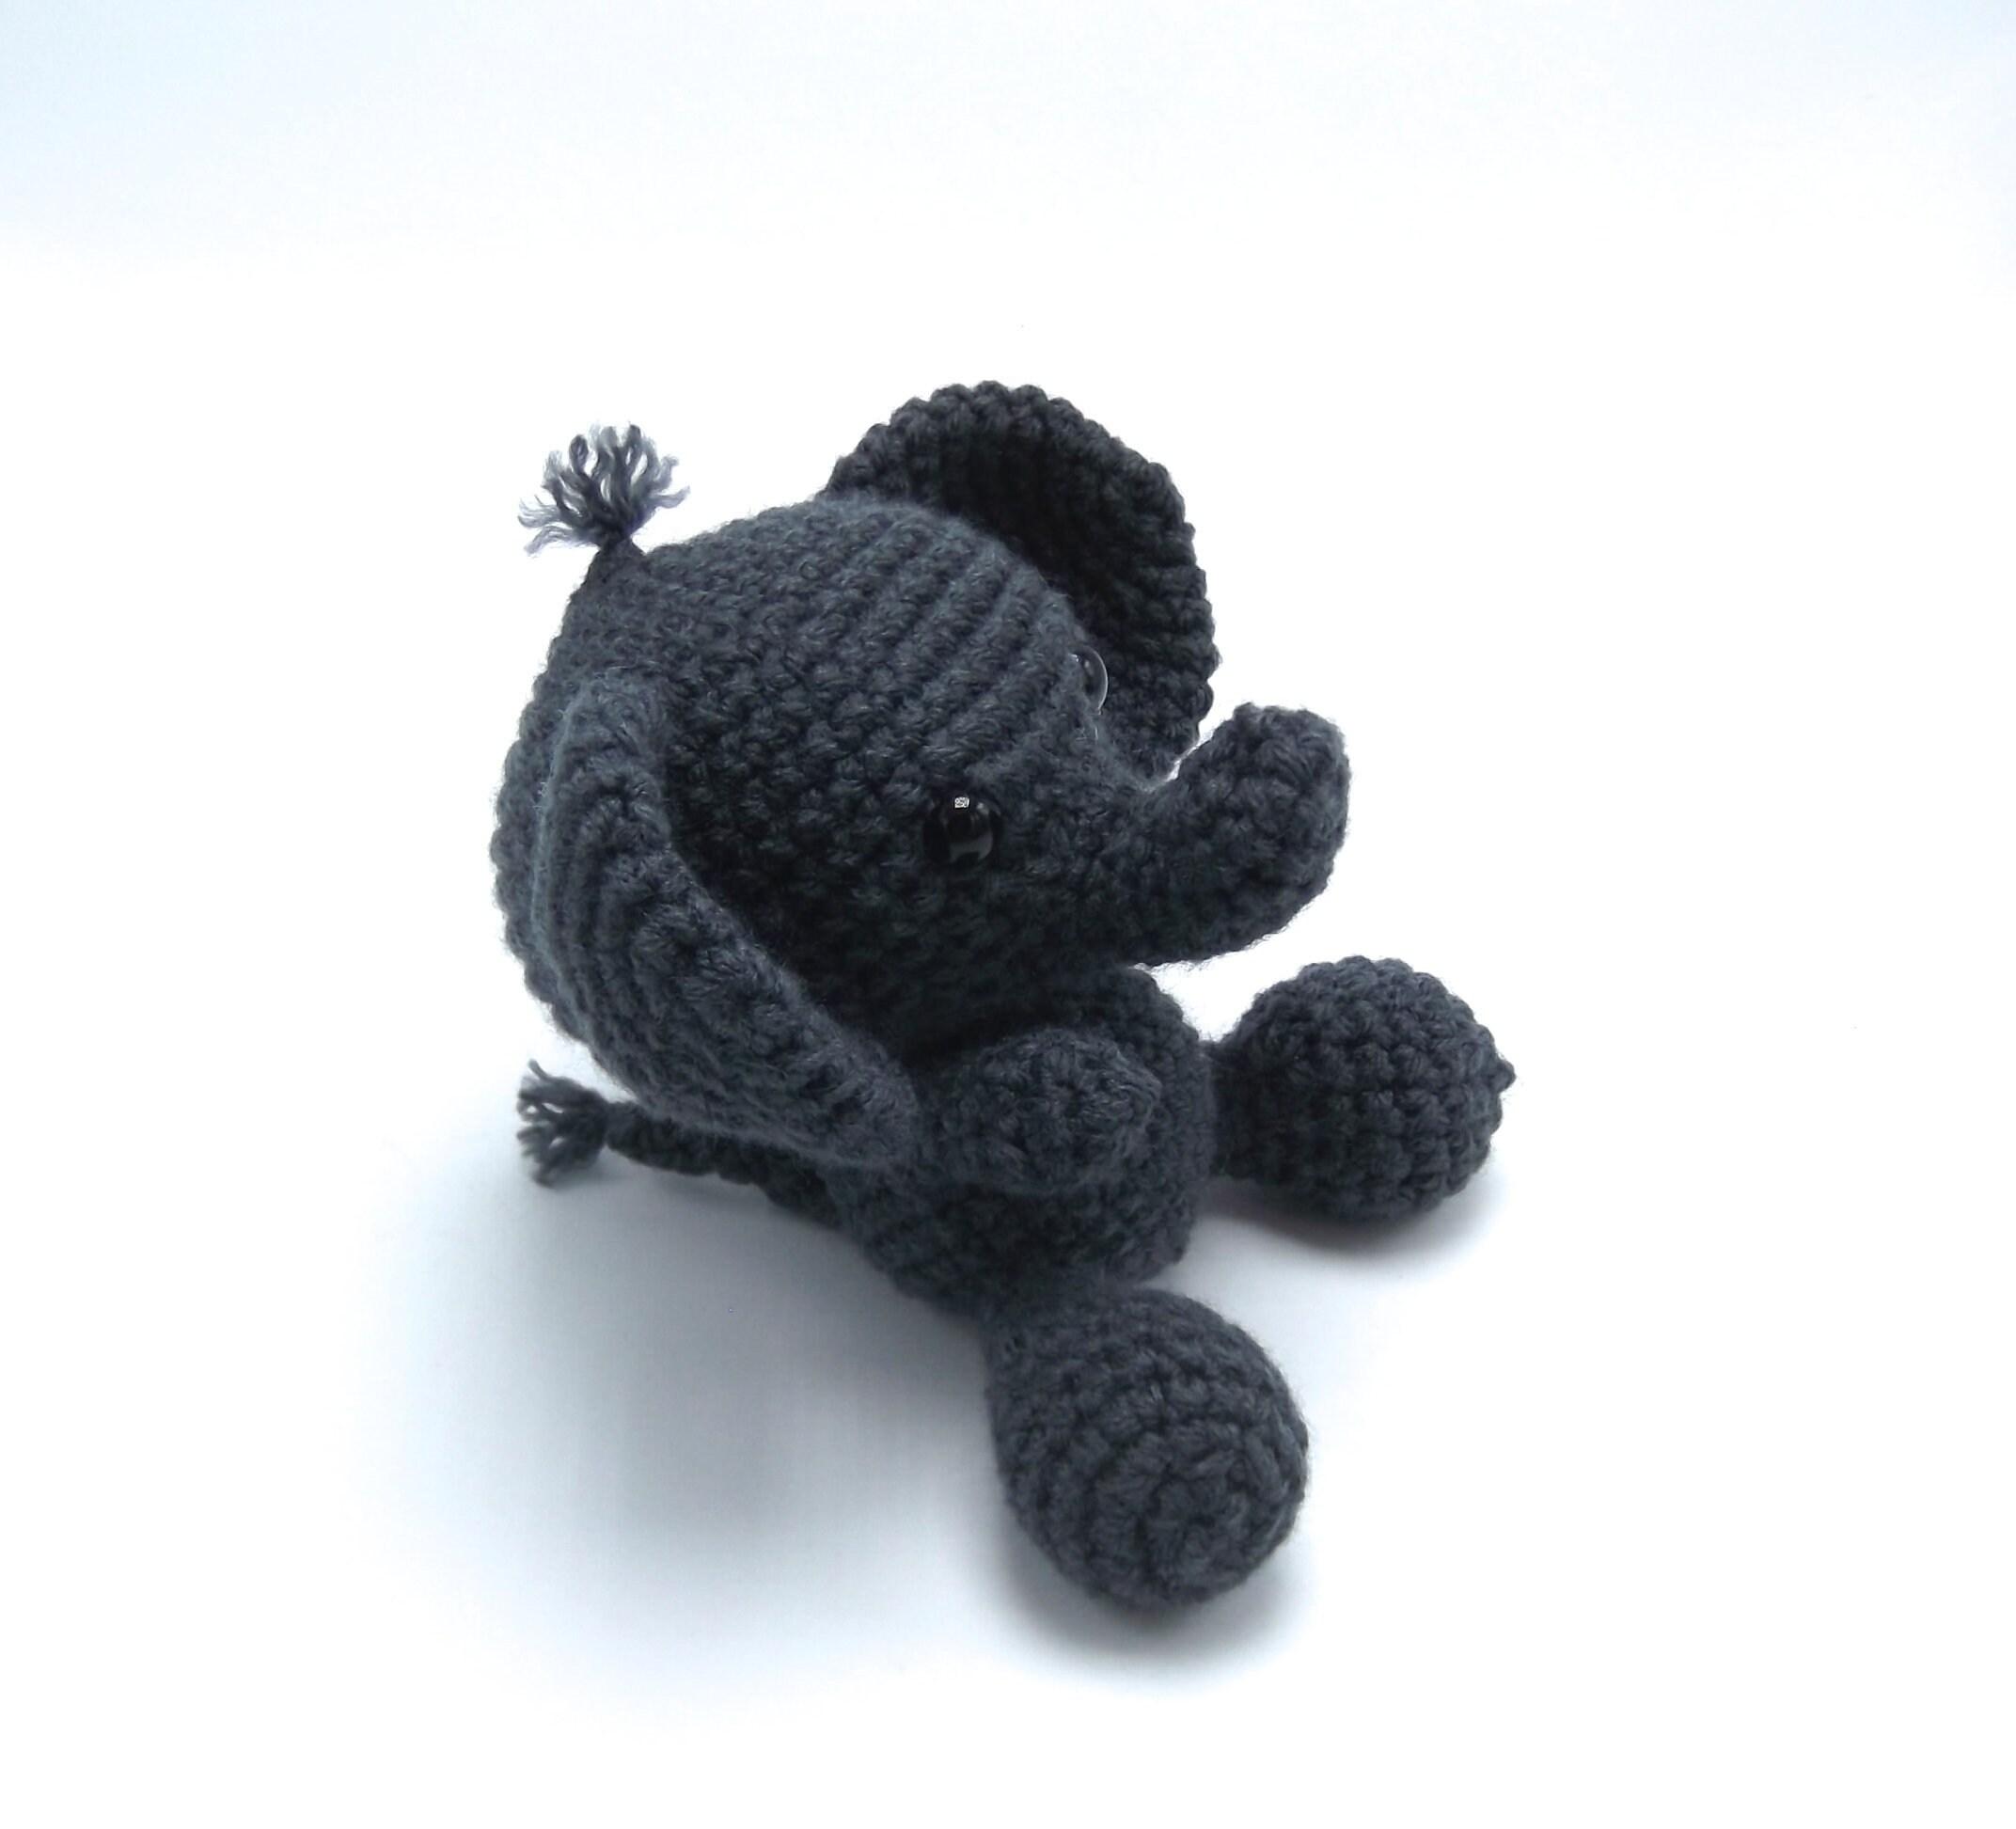 Stuffed Elephant / Crochet Elephant / Amigurumi Elephant /   Amigurumi  elephant pattern, Crochet elephant, Crochet elephant pattern   1945x2144